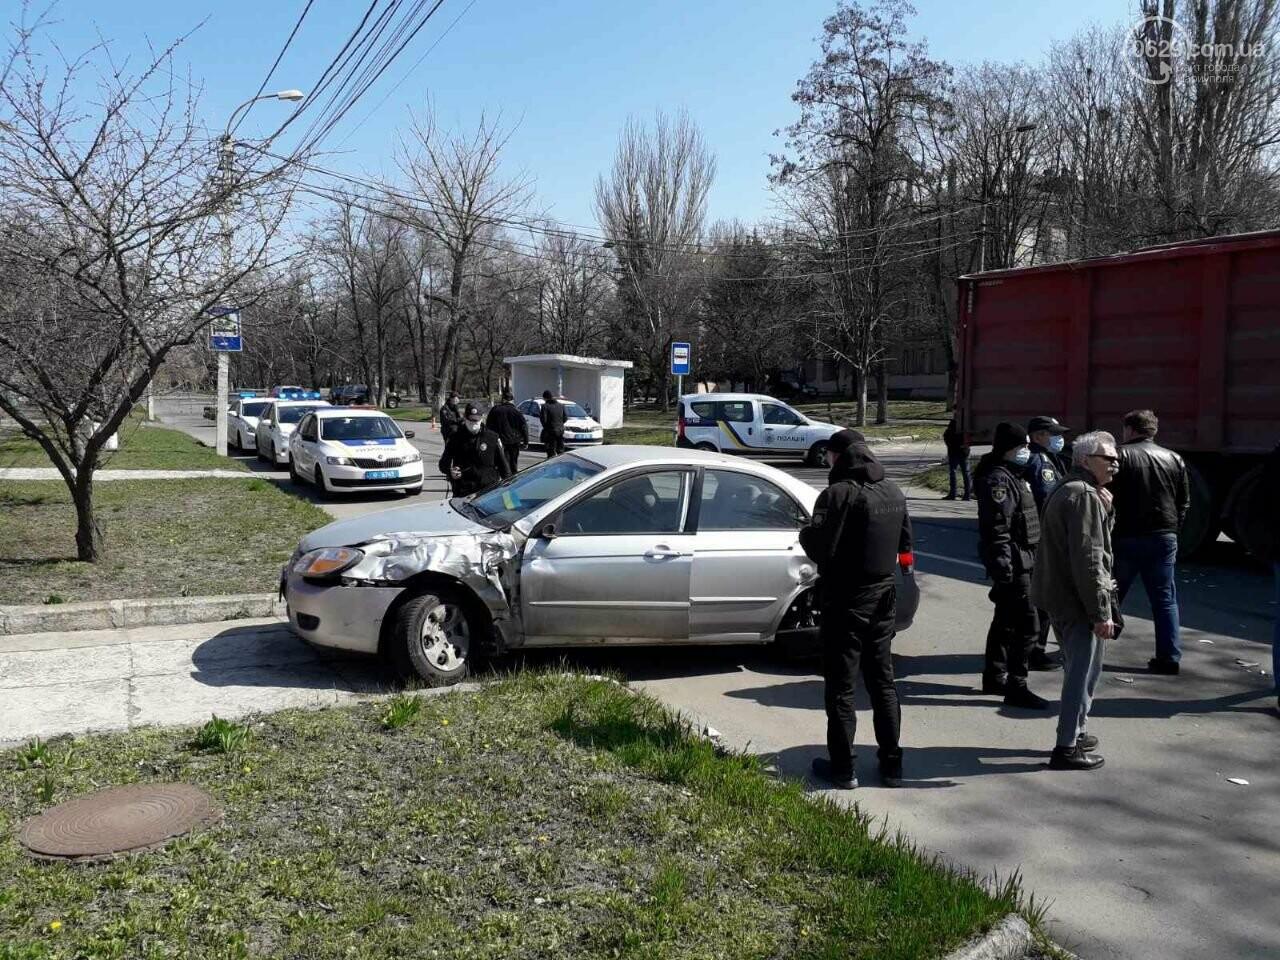 Тройное ДТП с пострадавшими. В Мариуполе столкнулись две легковушки и грузовик,  - ФОТО, фото-5